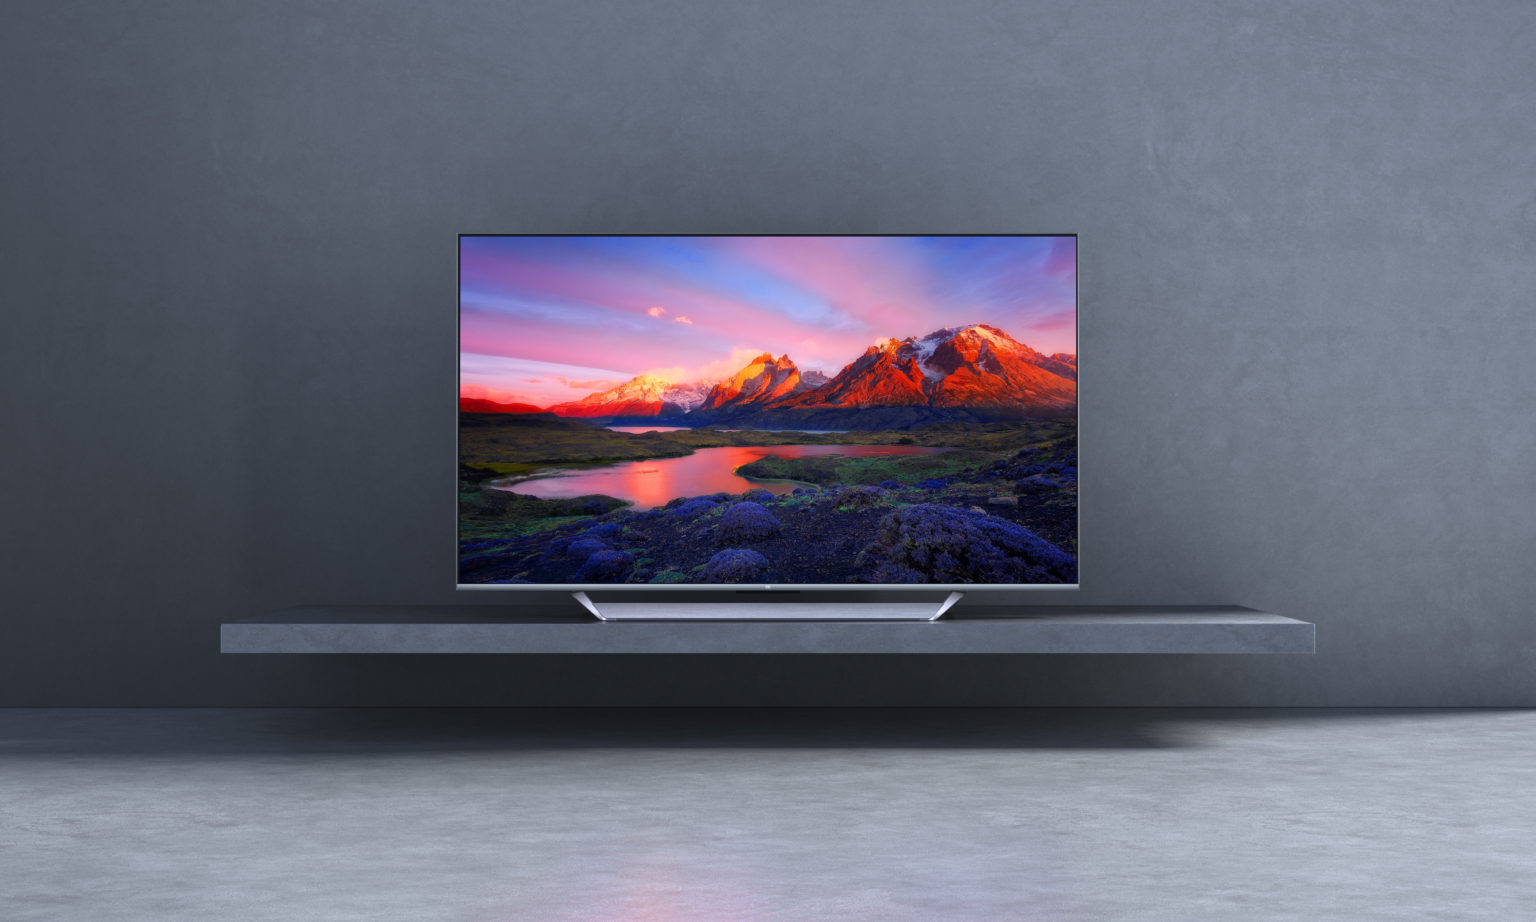 Diseño de la televisión Xiaomi Mi TV Q1 75